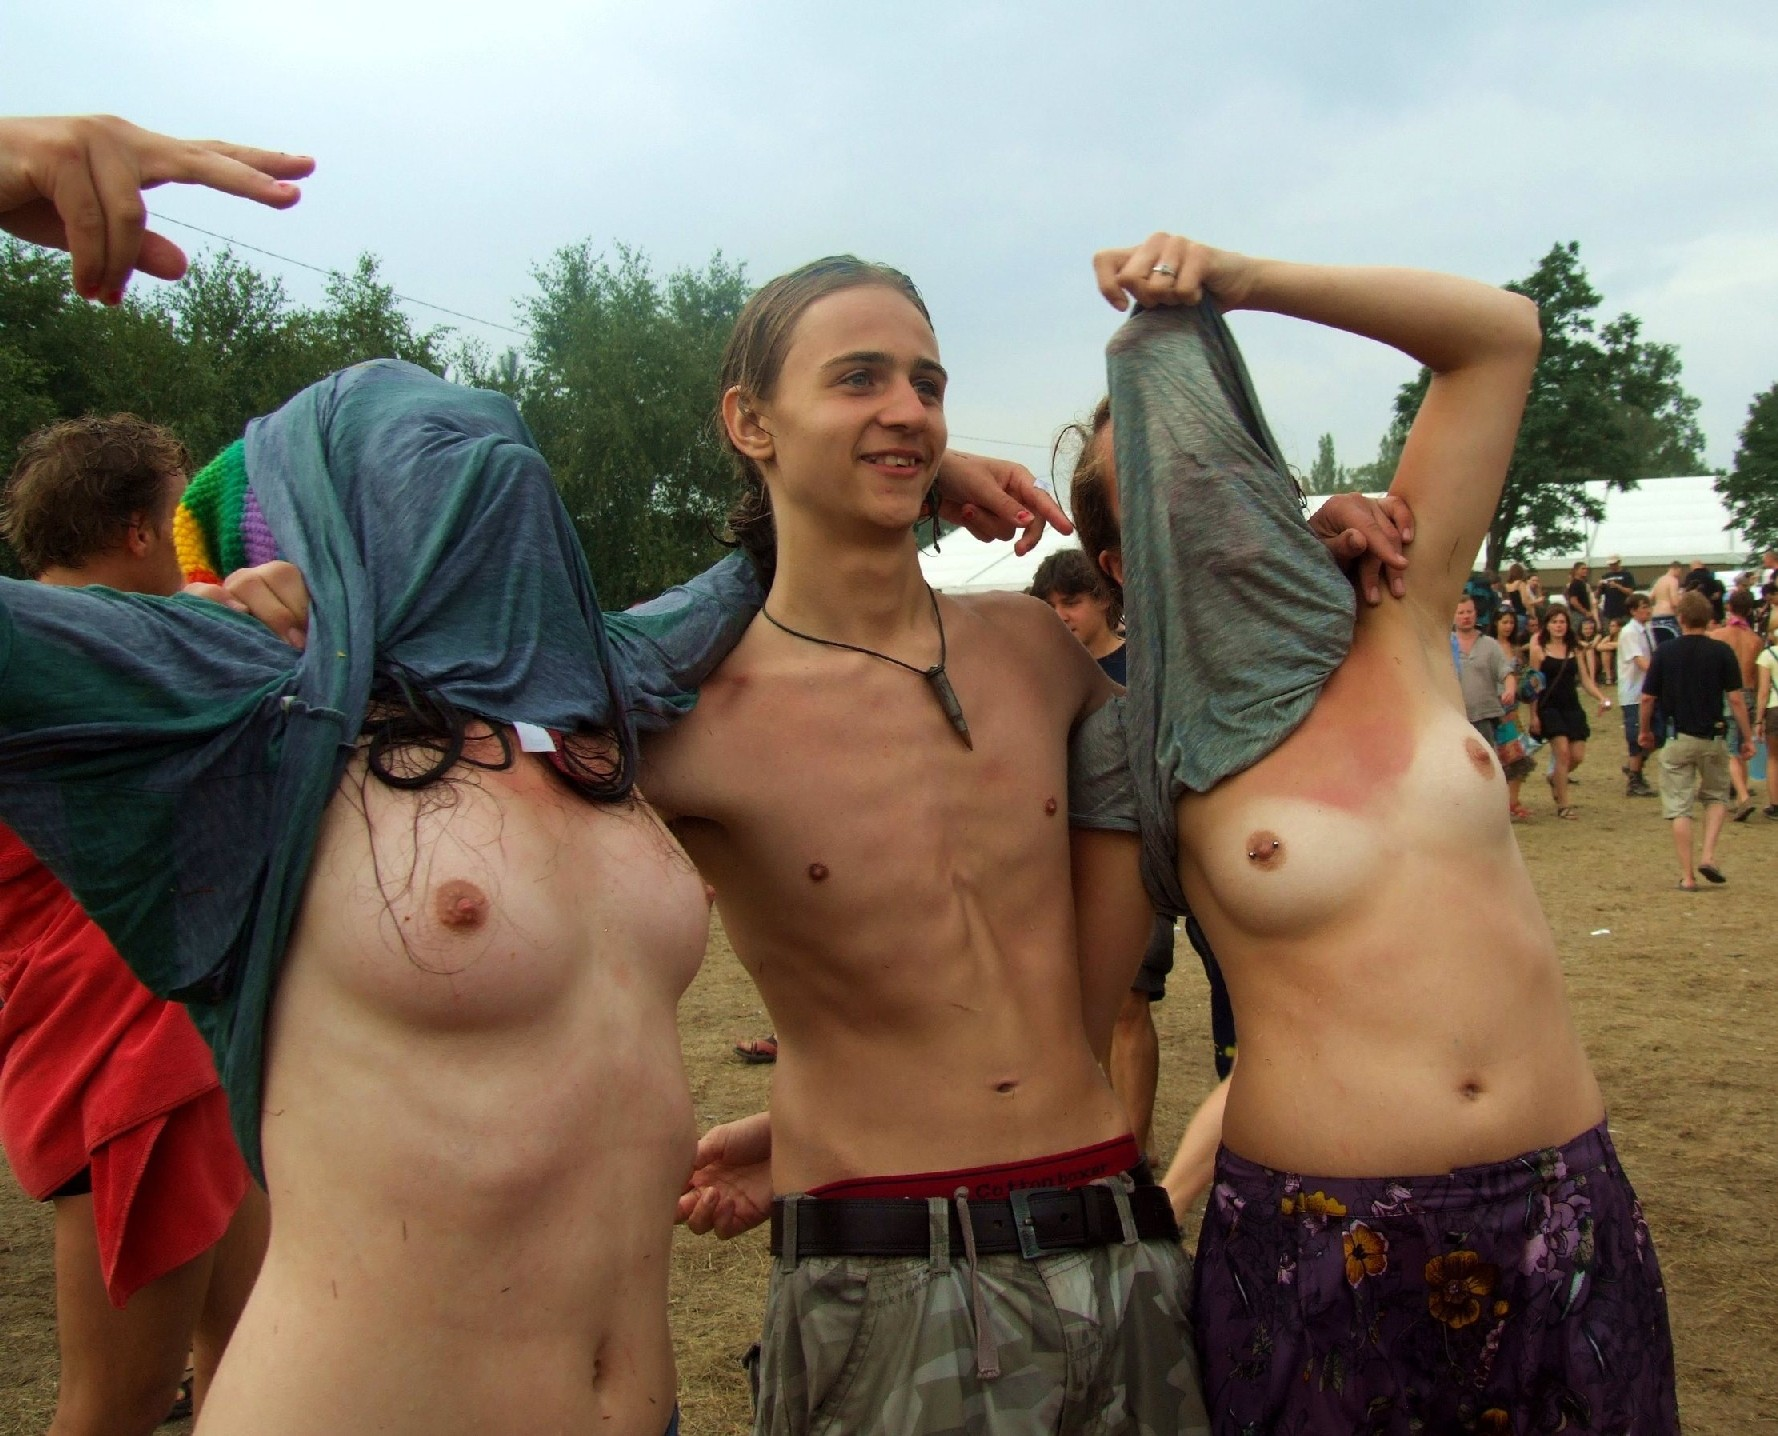 woodstock-naked-girls-james